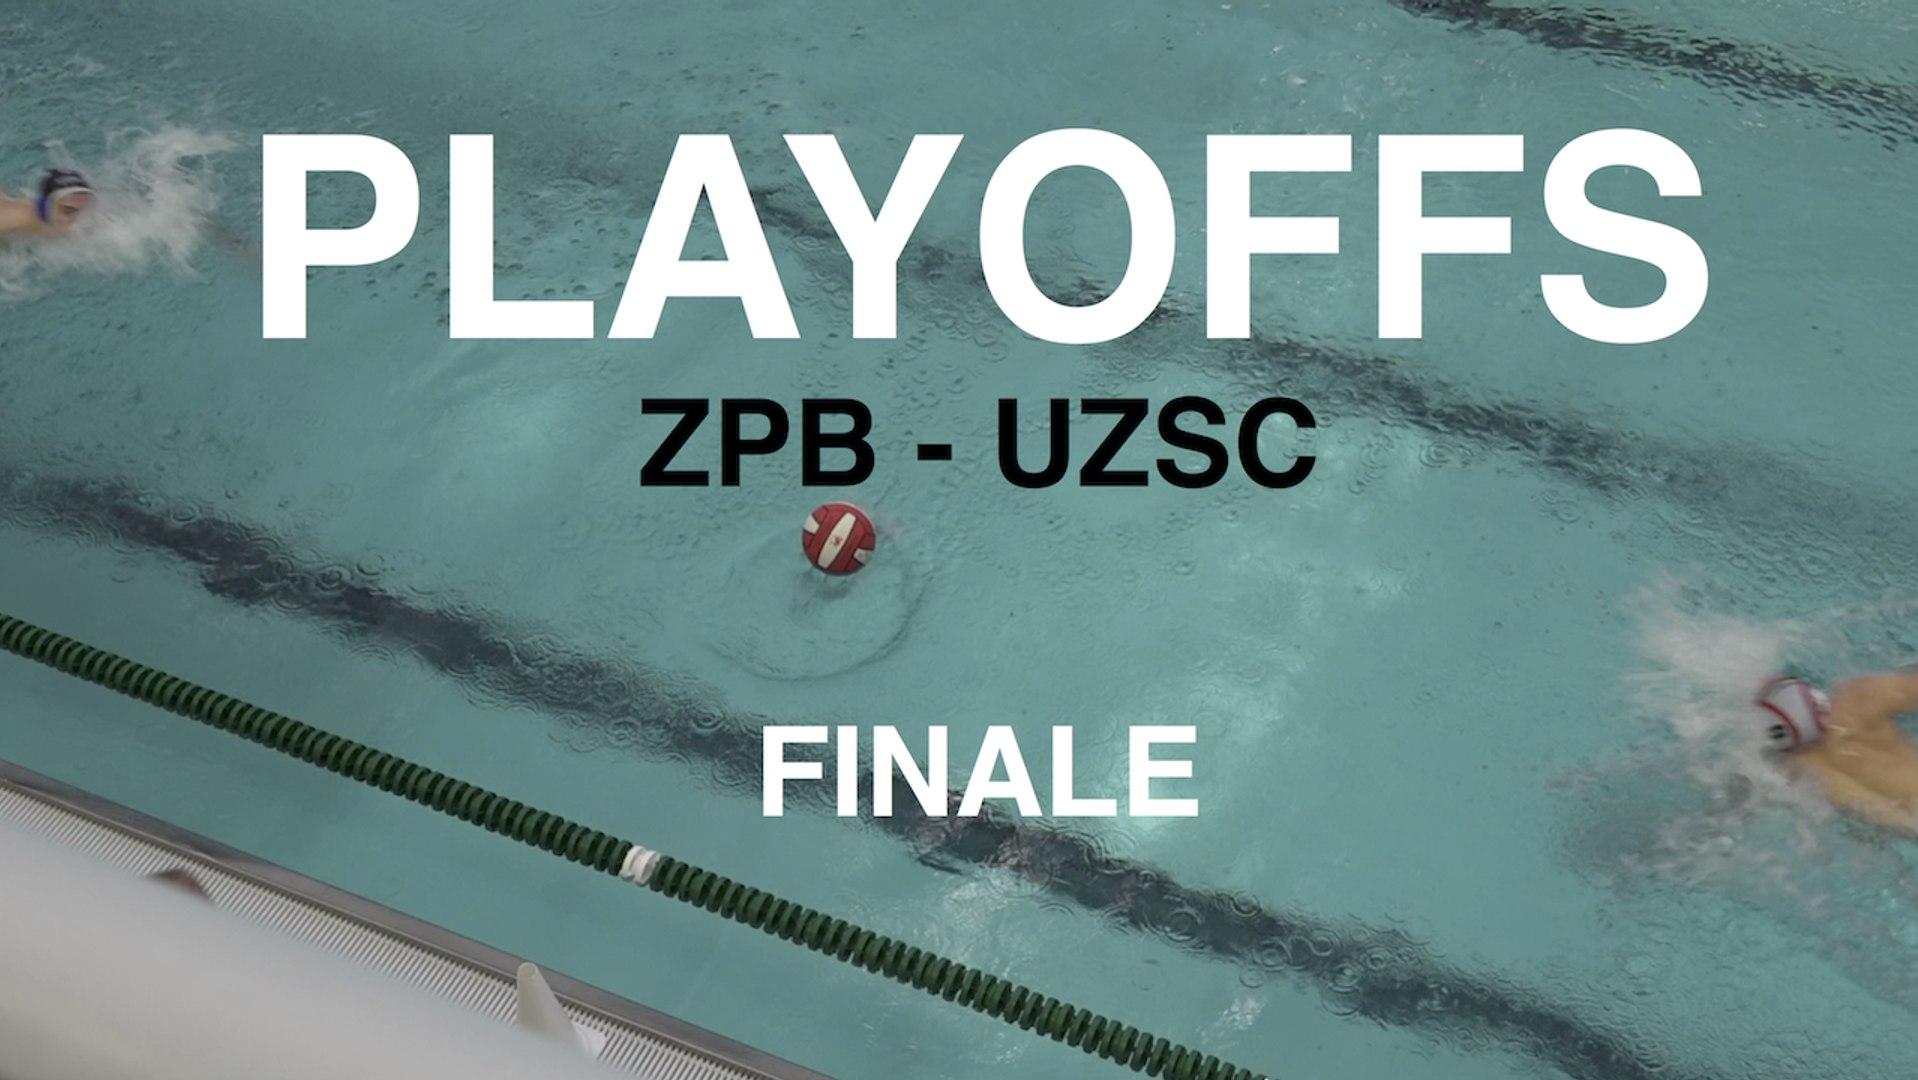 Playoffs Eredivisie | Finale | ZPB - UZSC | Aftermovie